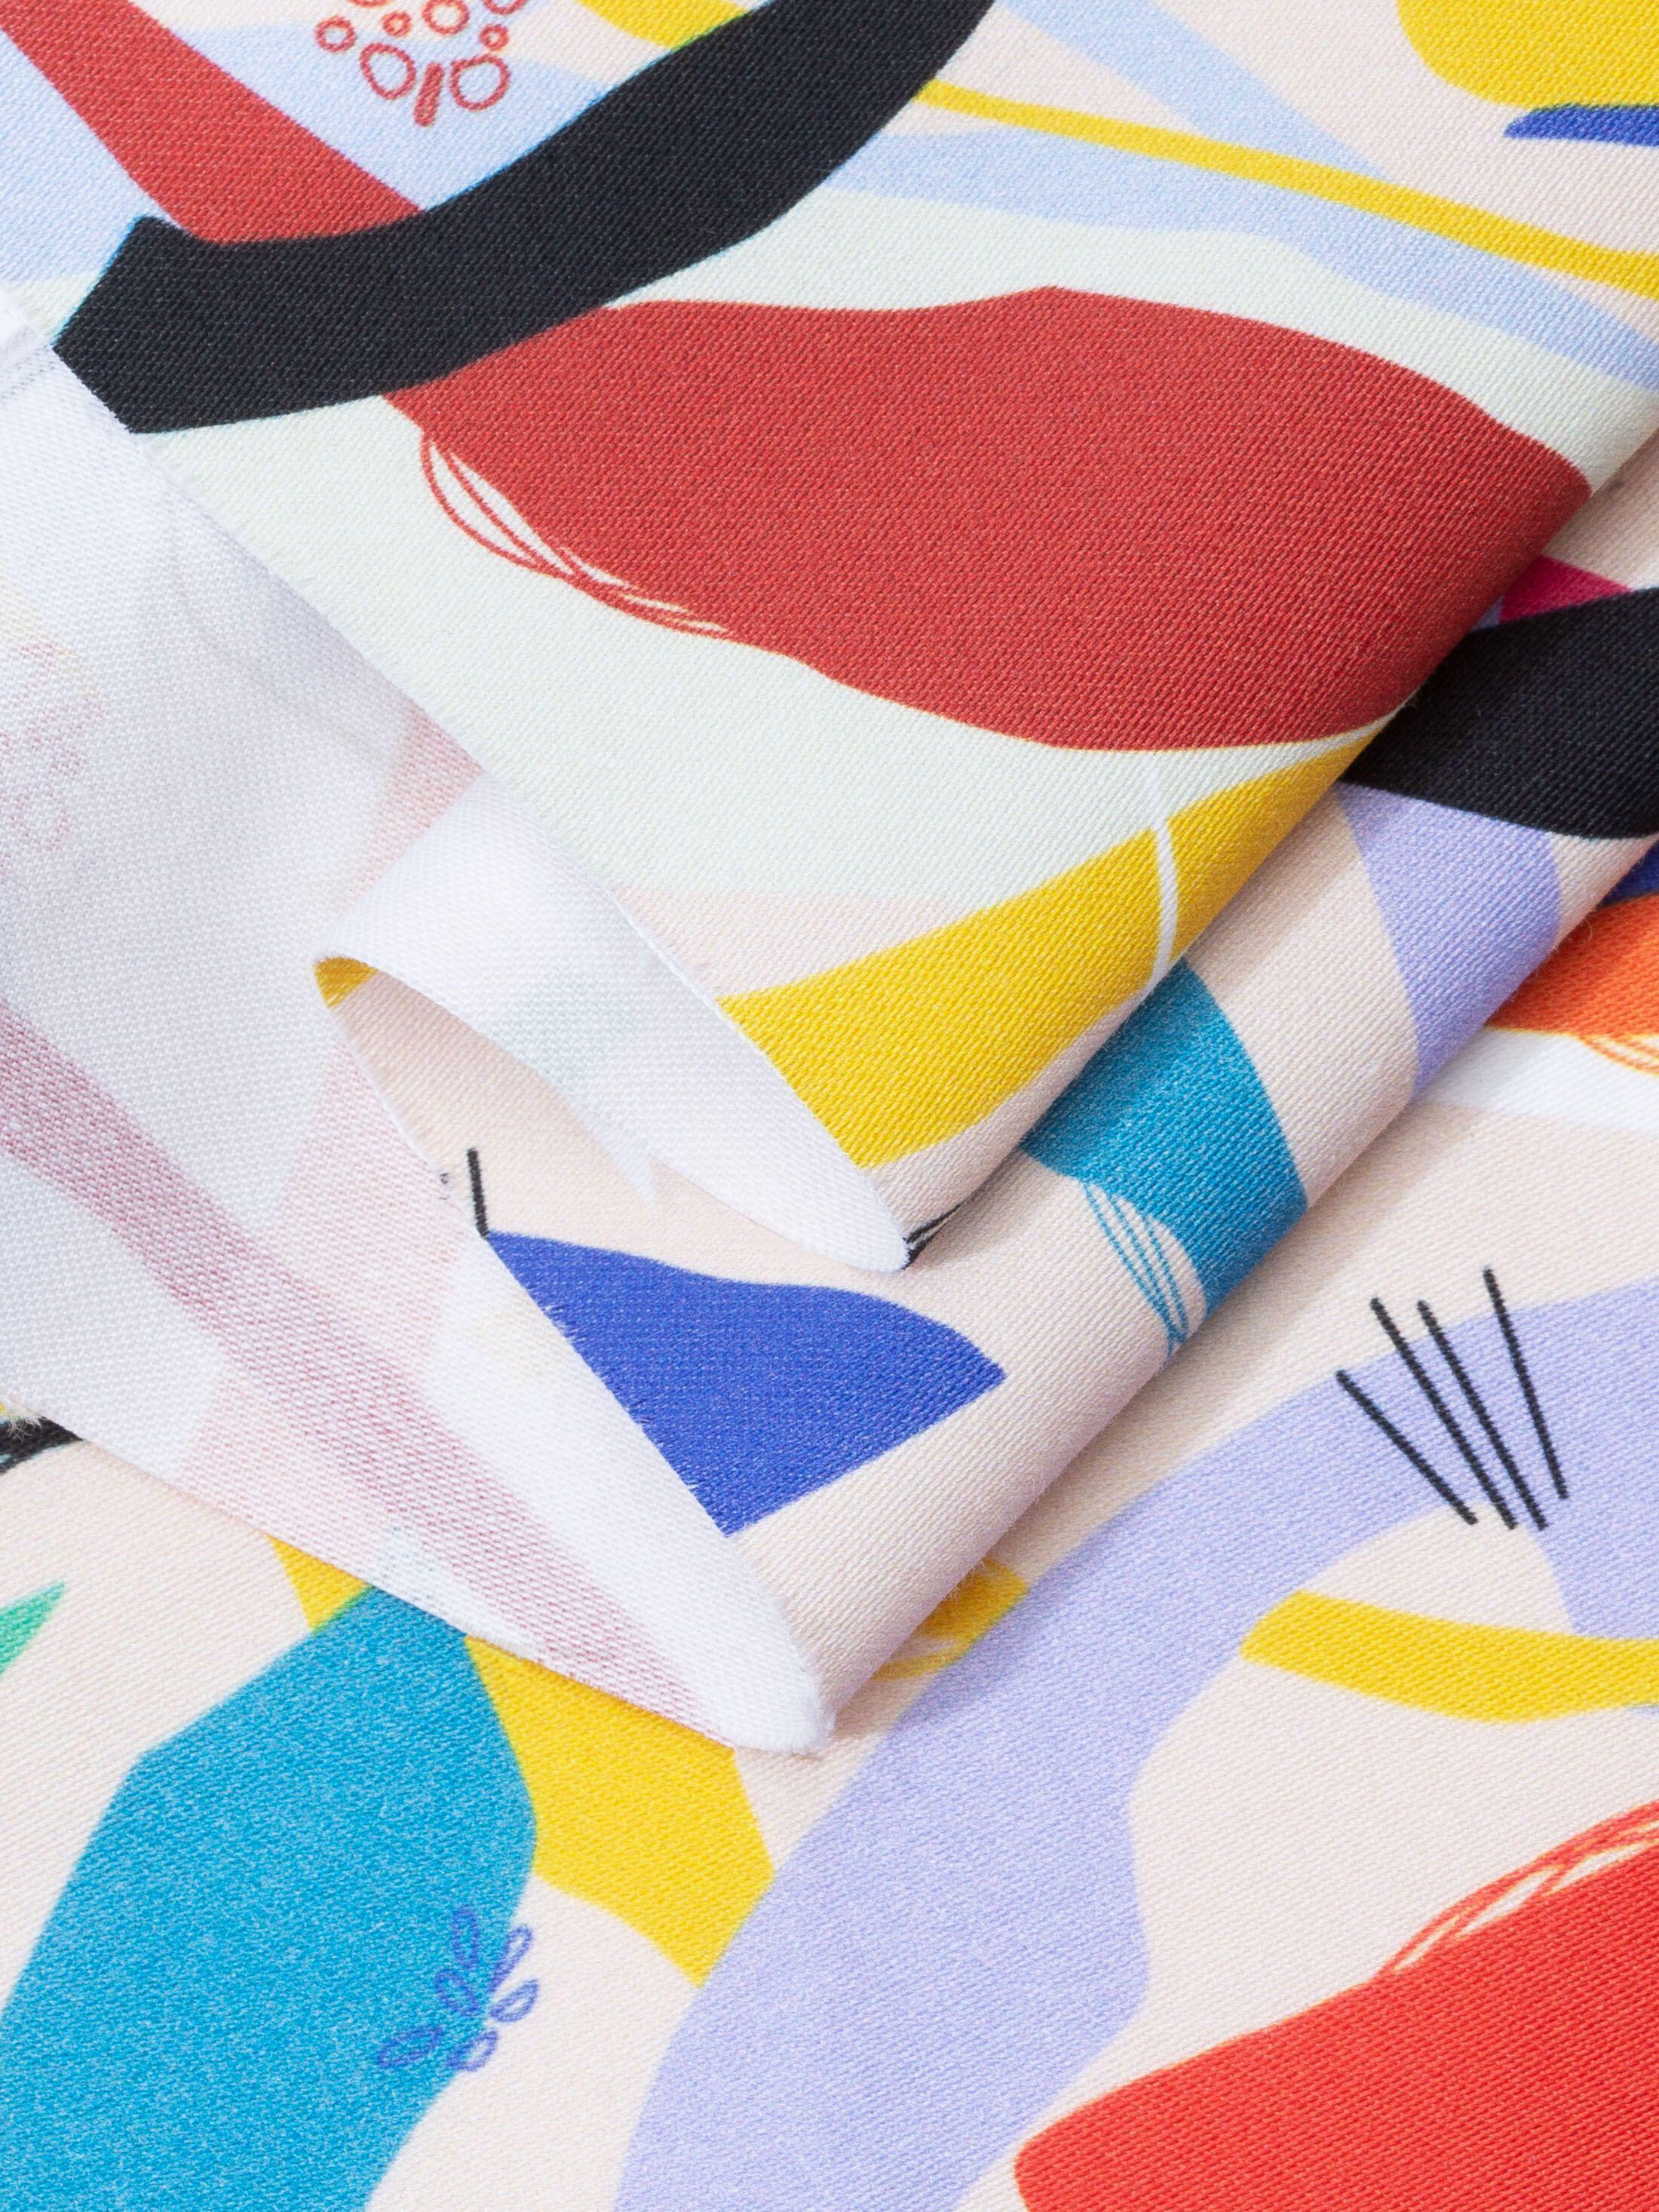 綿 サテン 布 印刷